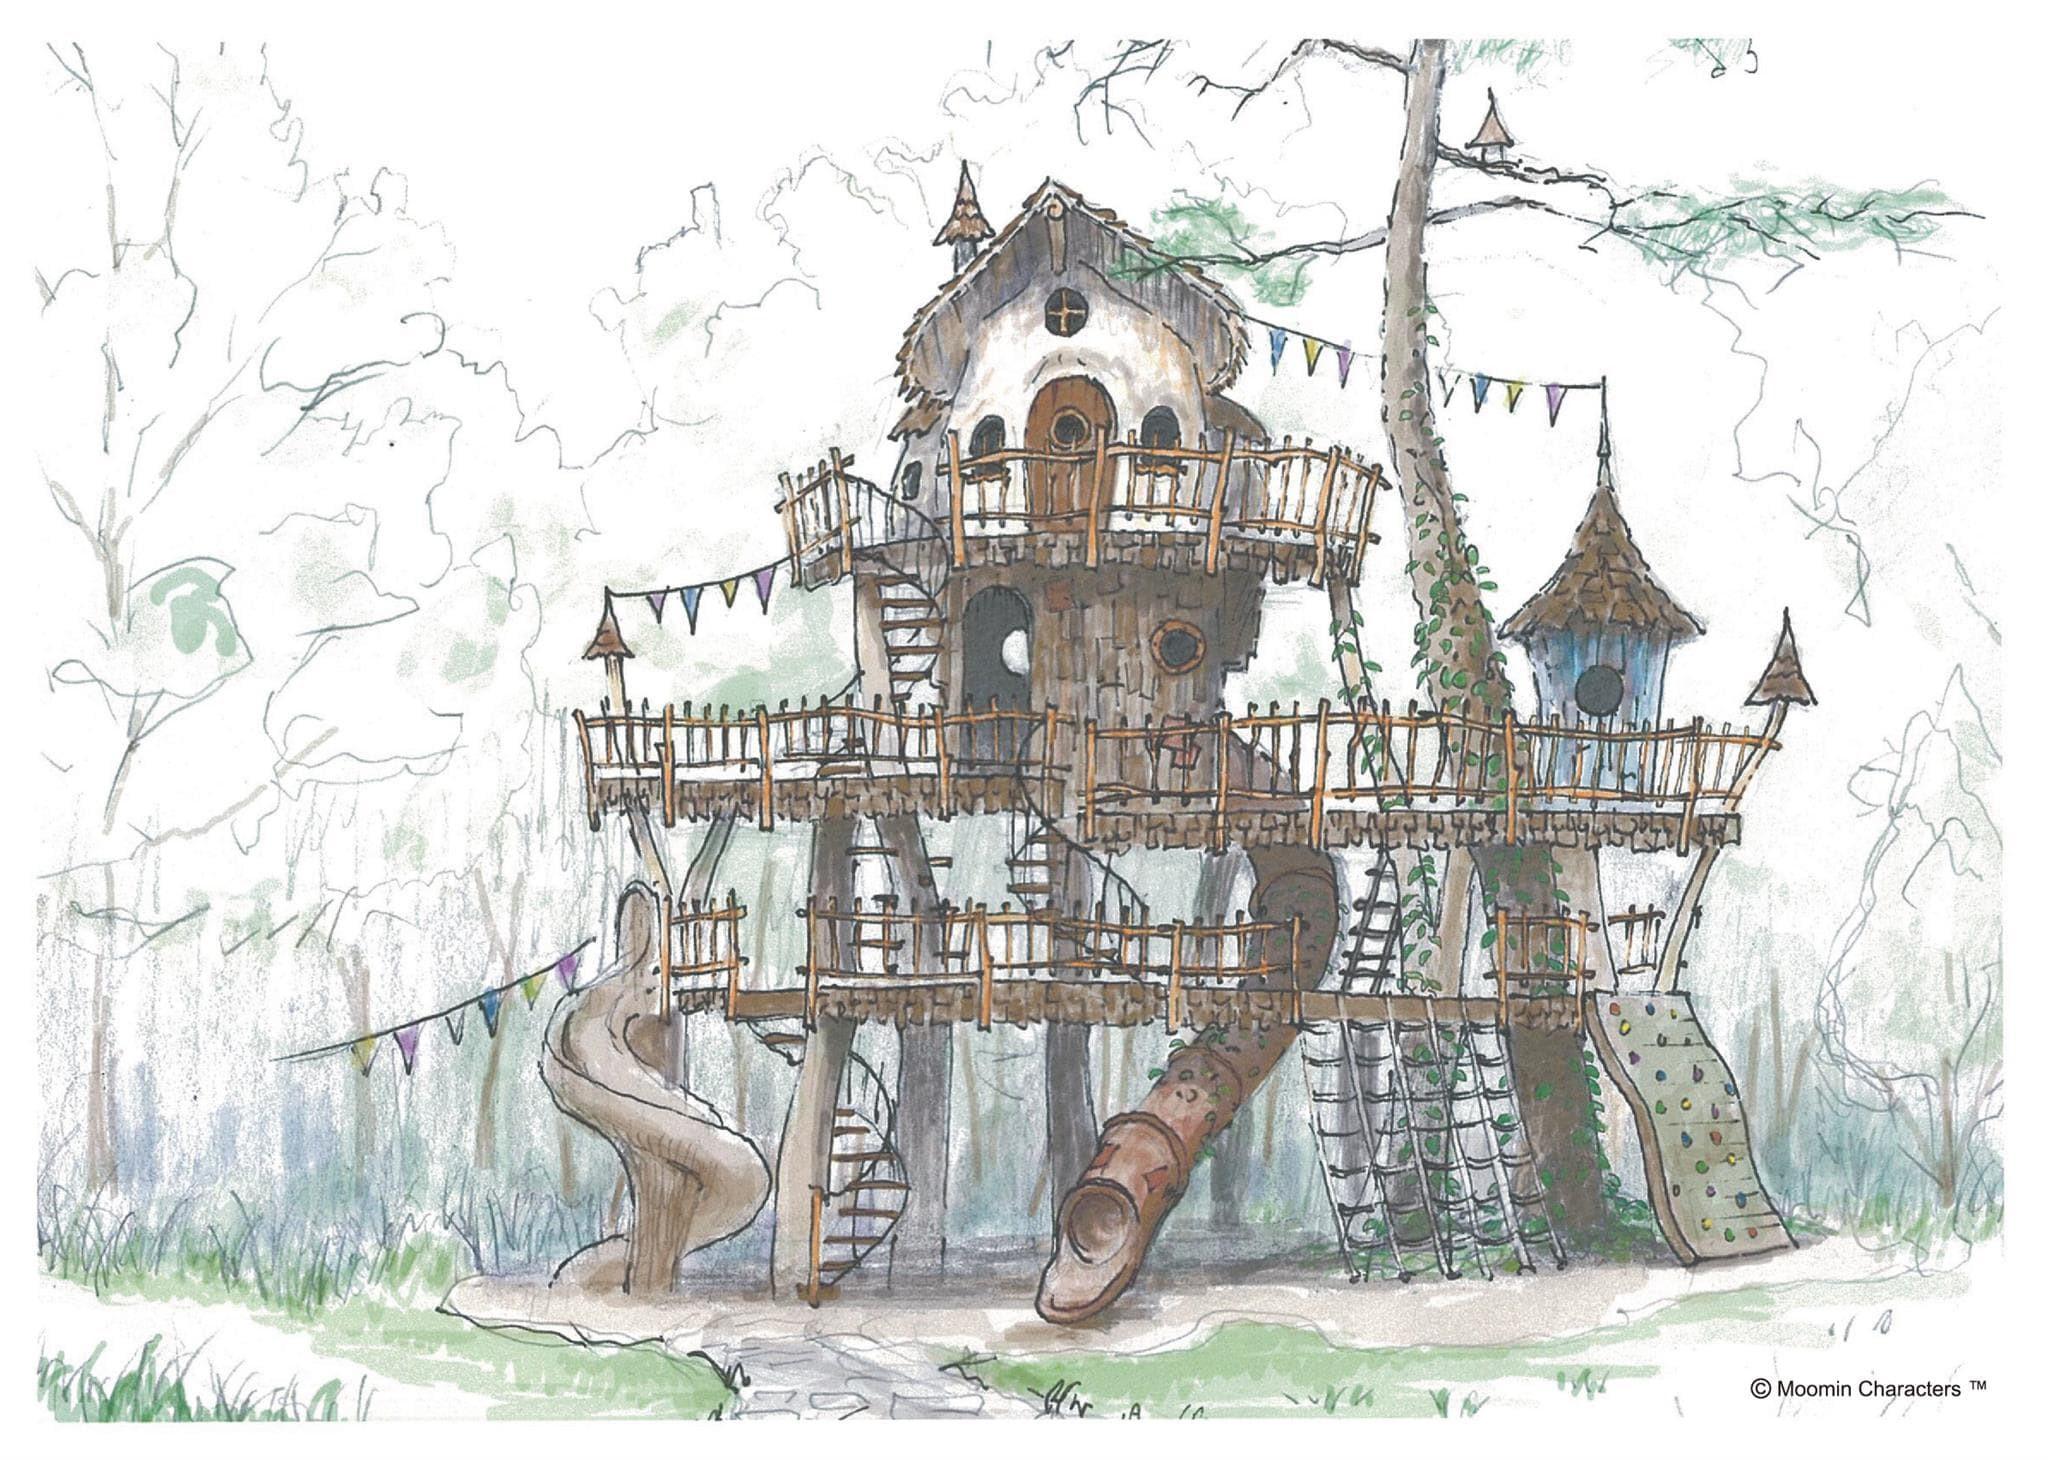 ツリーハウス風の「ヘムレンさんの遊園地」